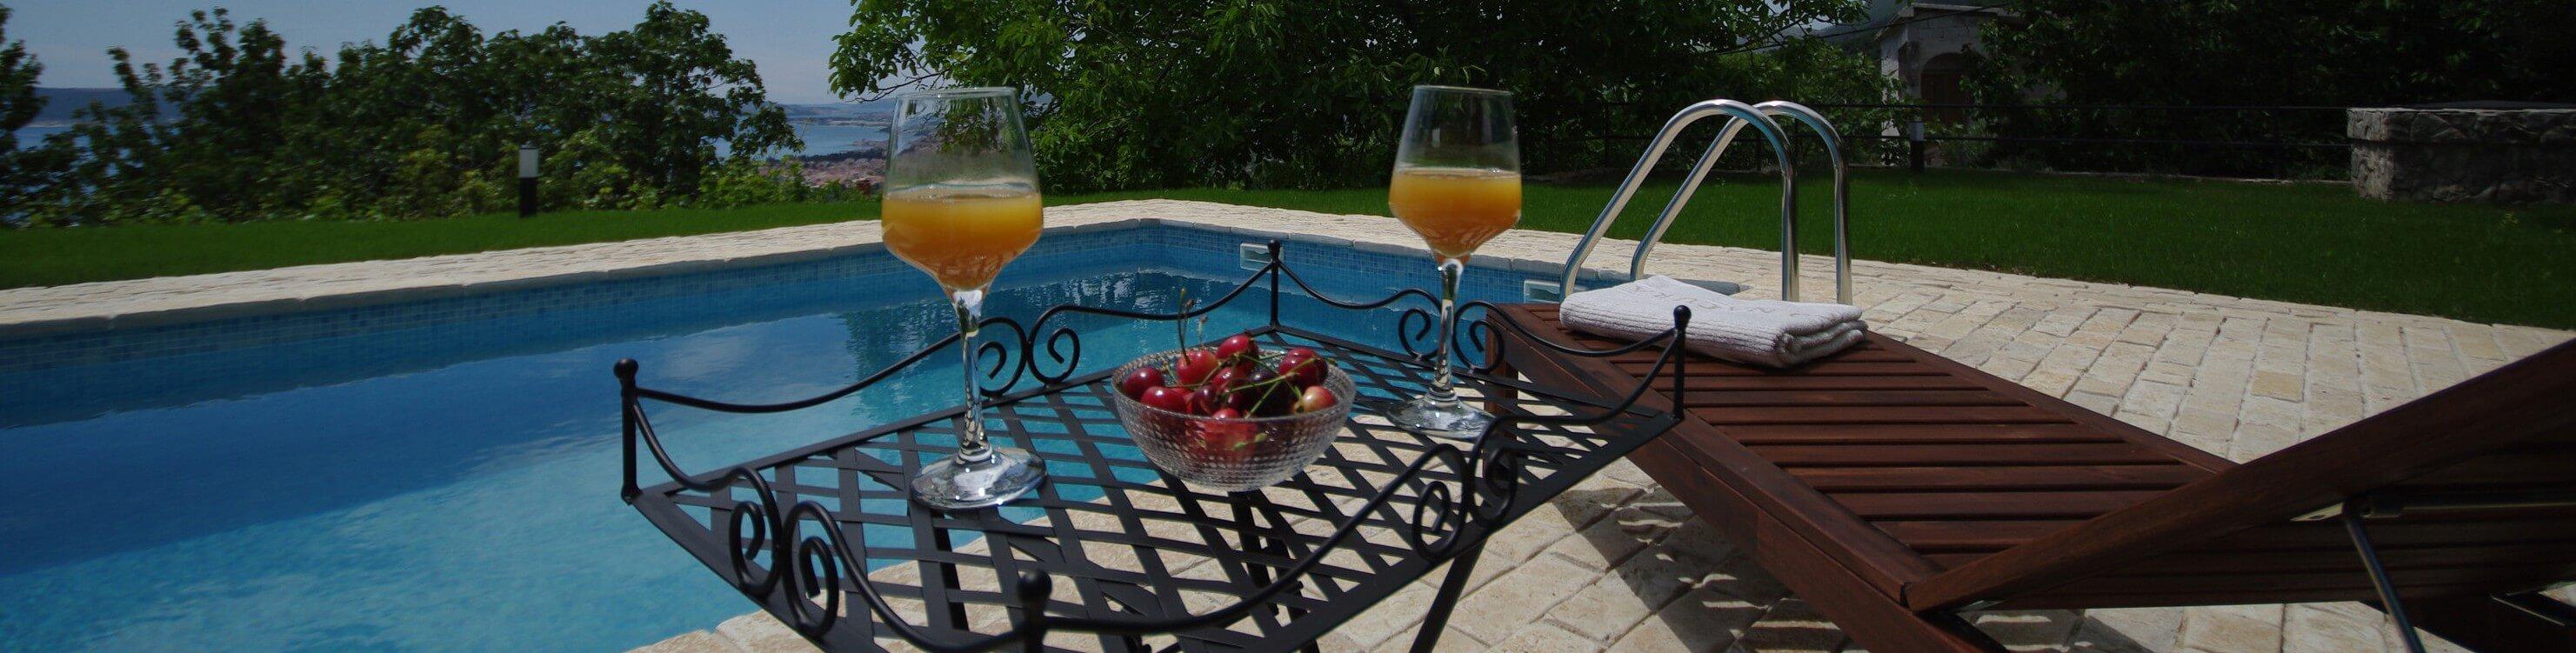 pool-side-drinks-e1436830411223